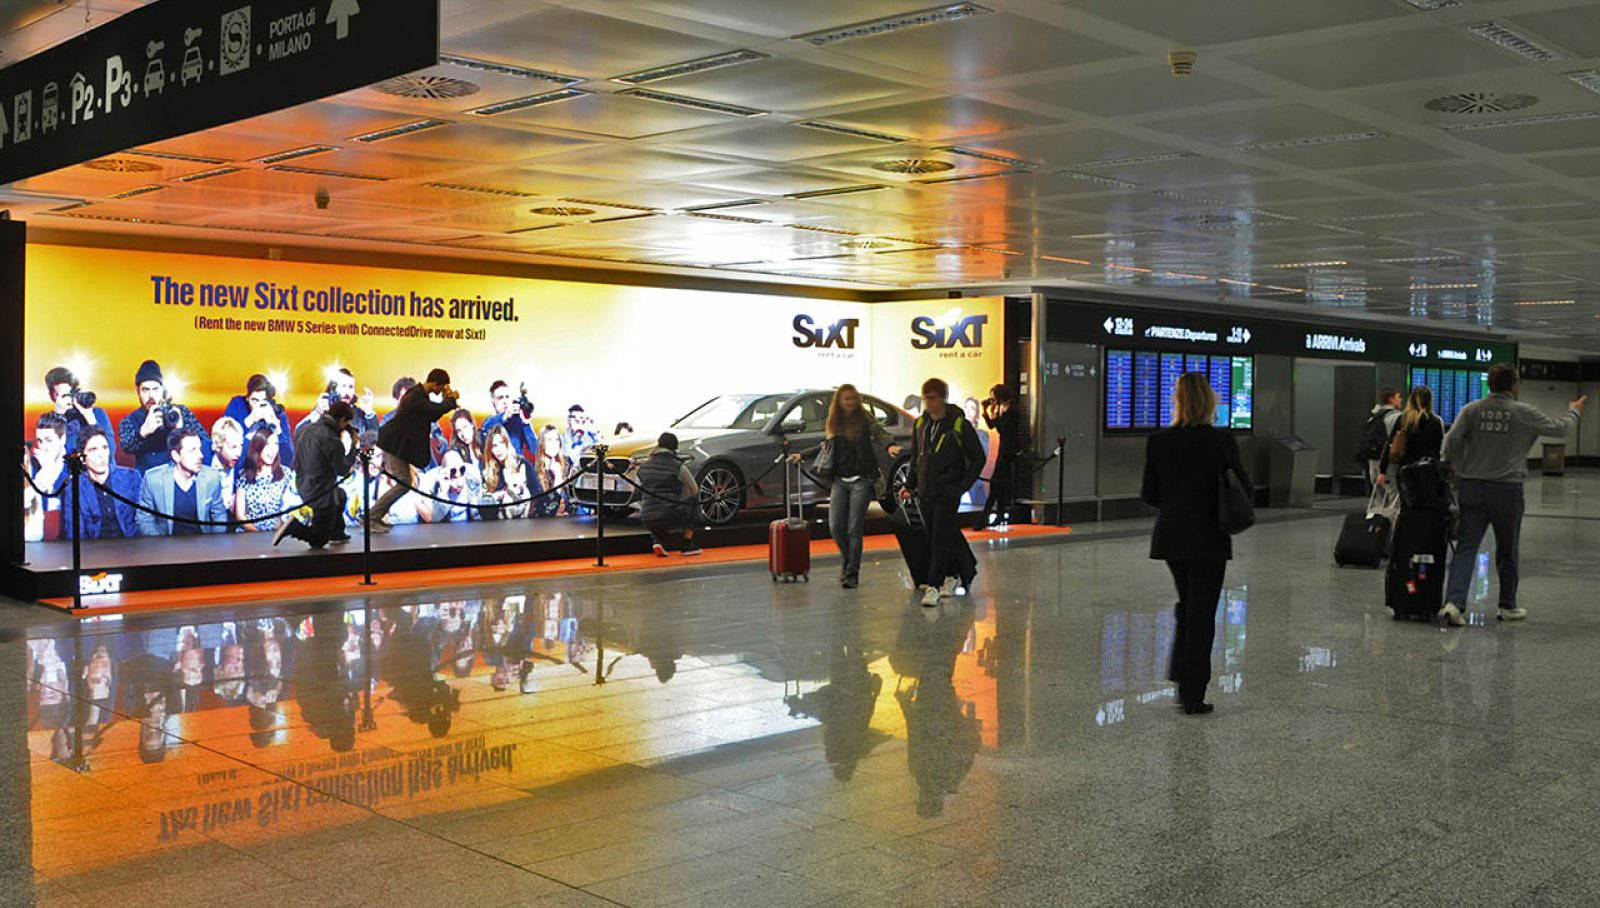 Pubblicità aeroporto a Malpensa IGPDecaux area espositiva per Sixt